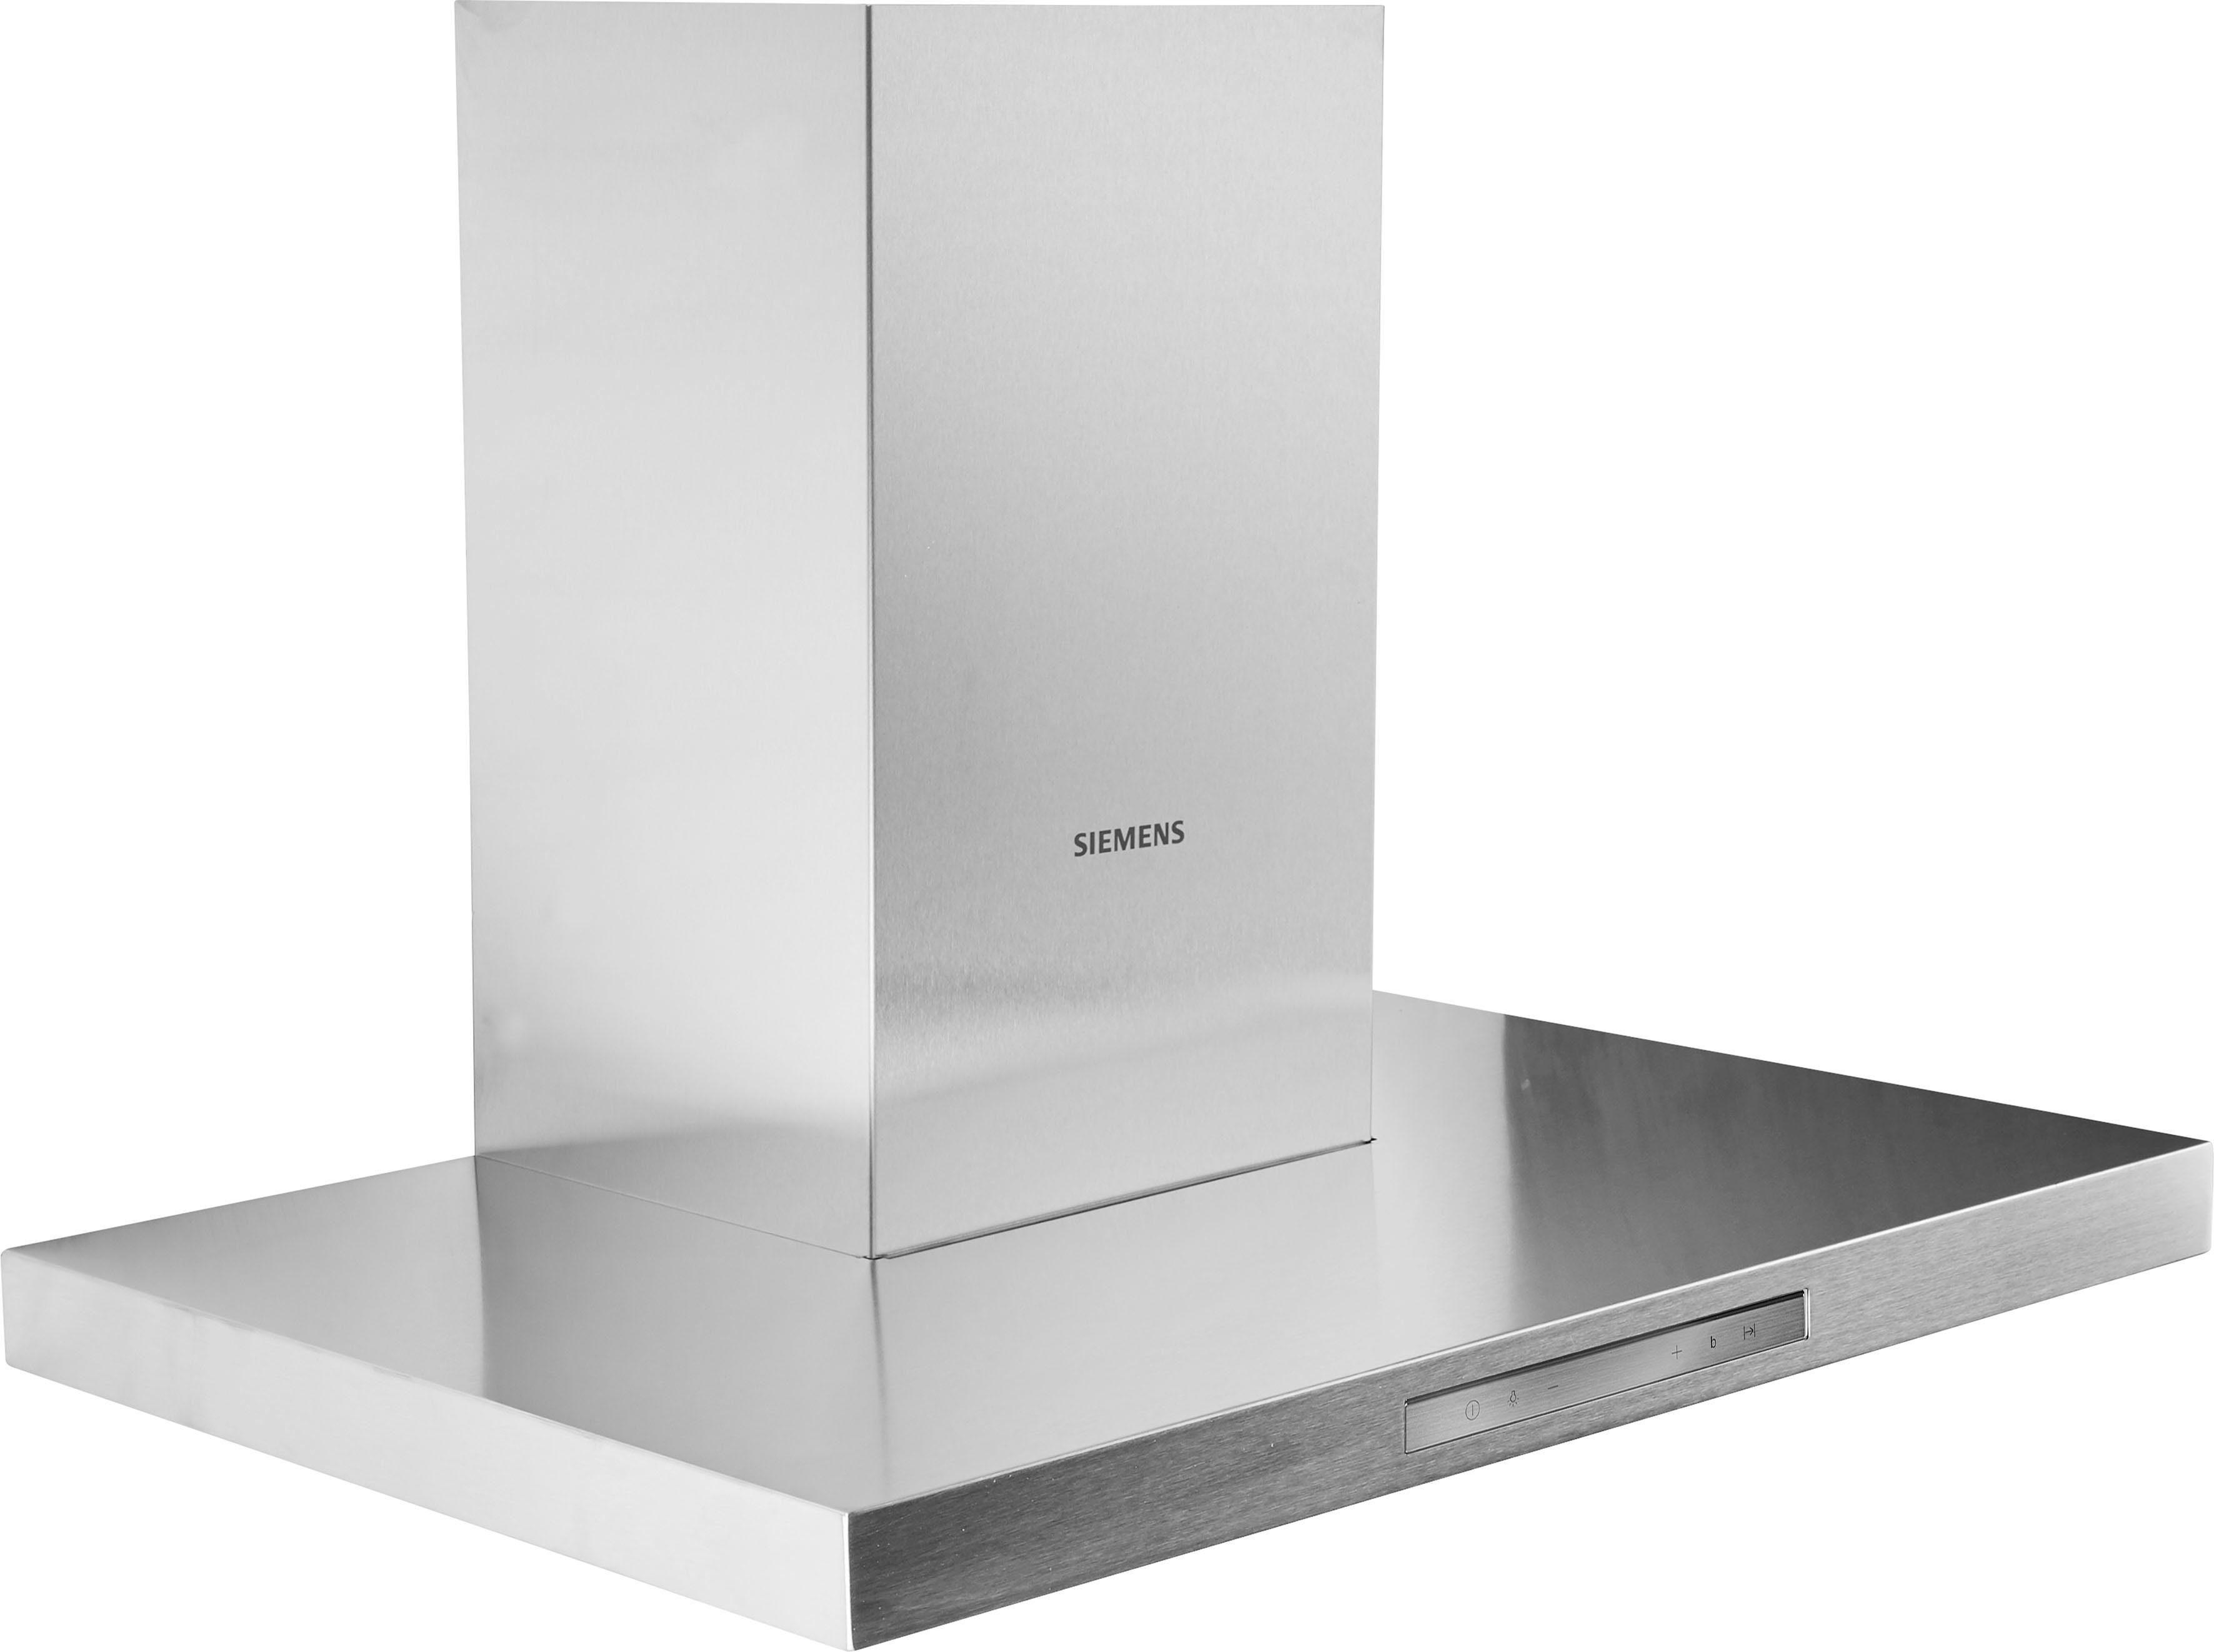 Siemens Kühlschrank Otto : Siemens wandhaube serie iq lc bcp kaufen otto